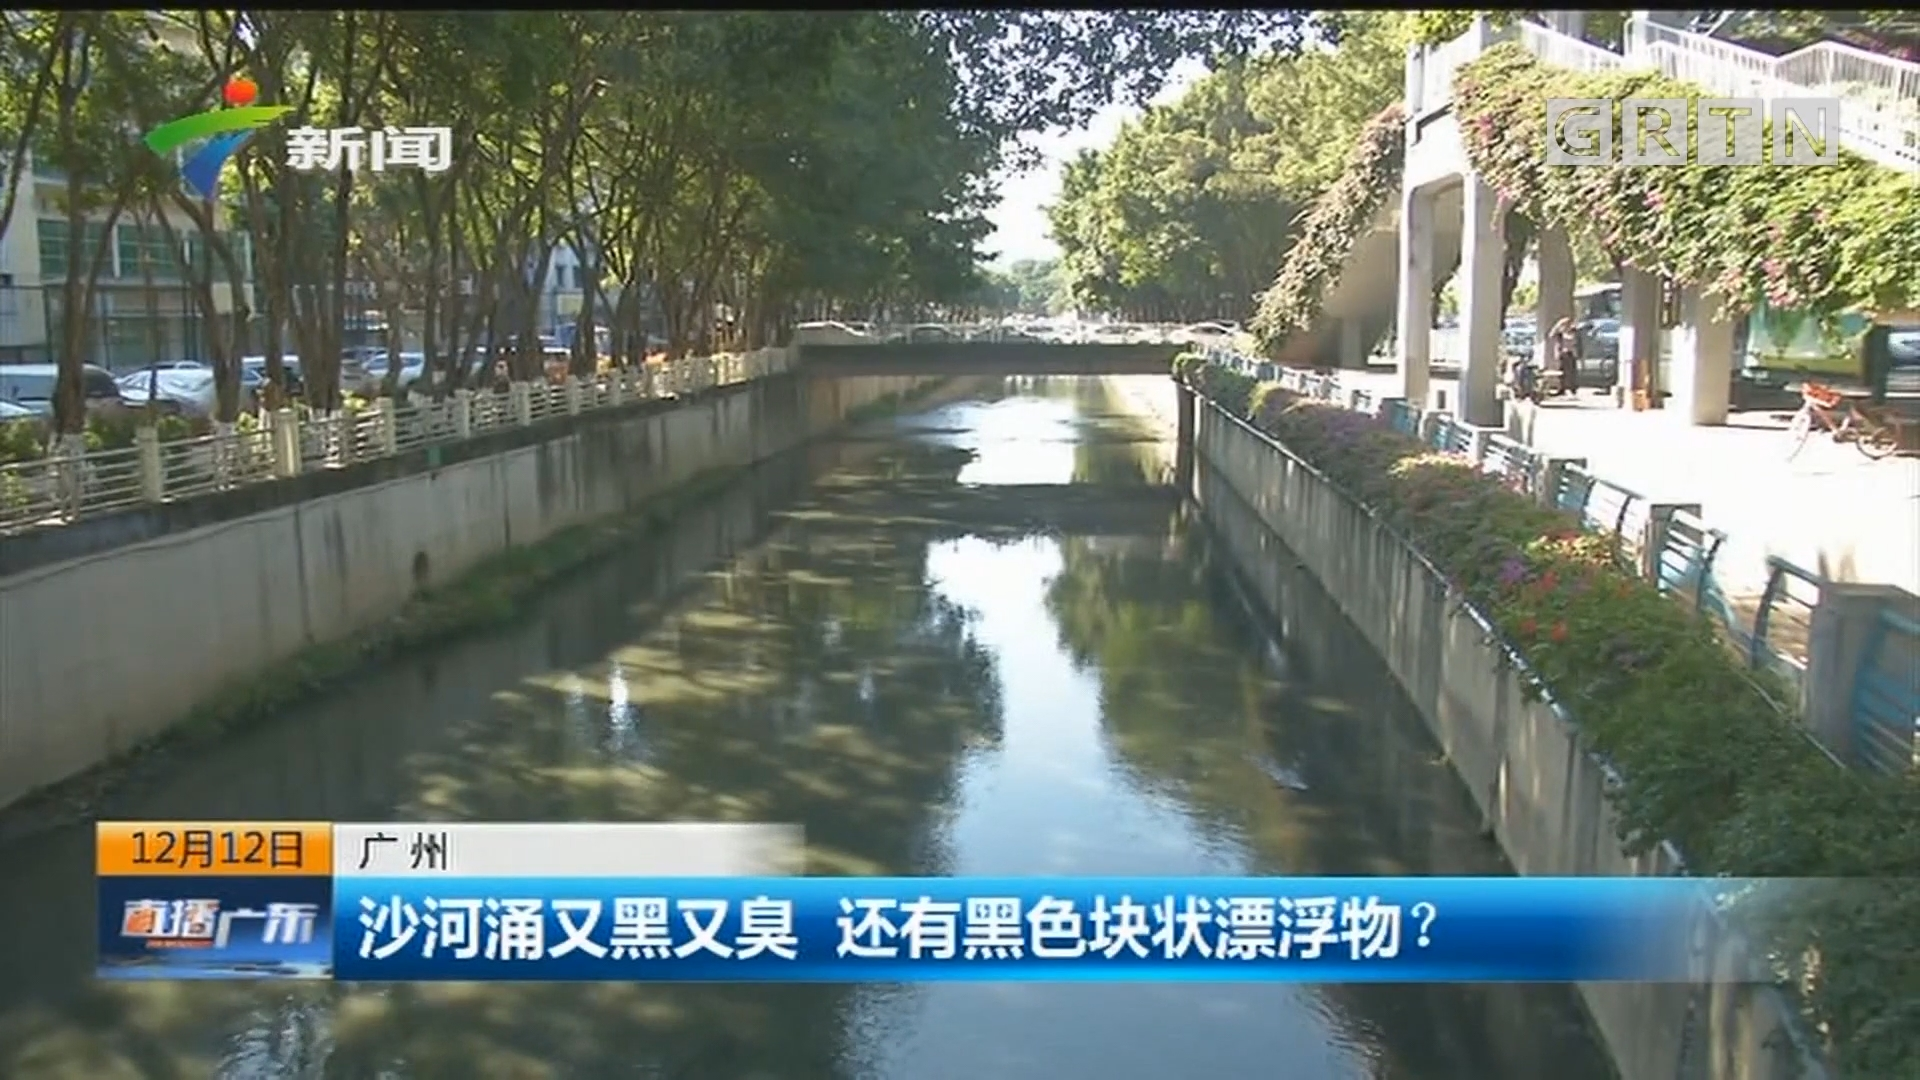 广州 沙河涌又黑又臭 还有黑色块状漂浮物?